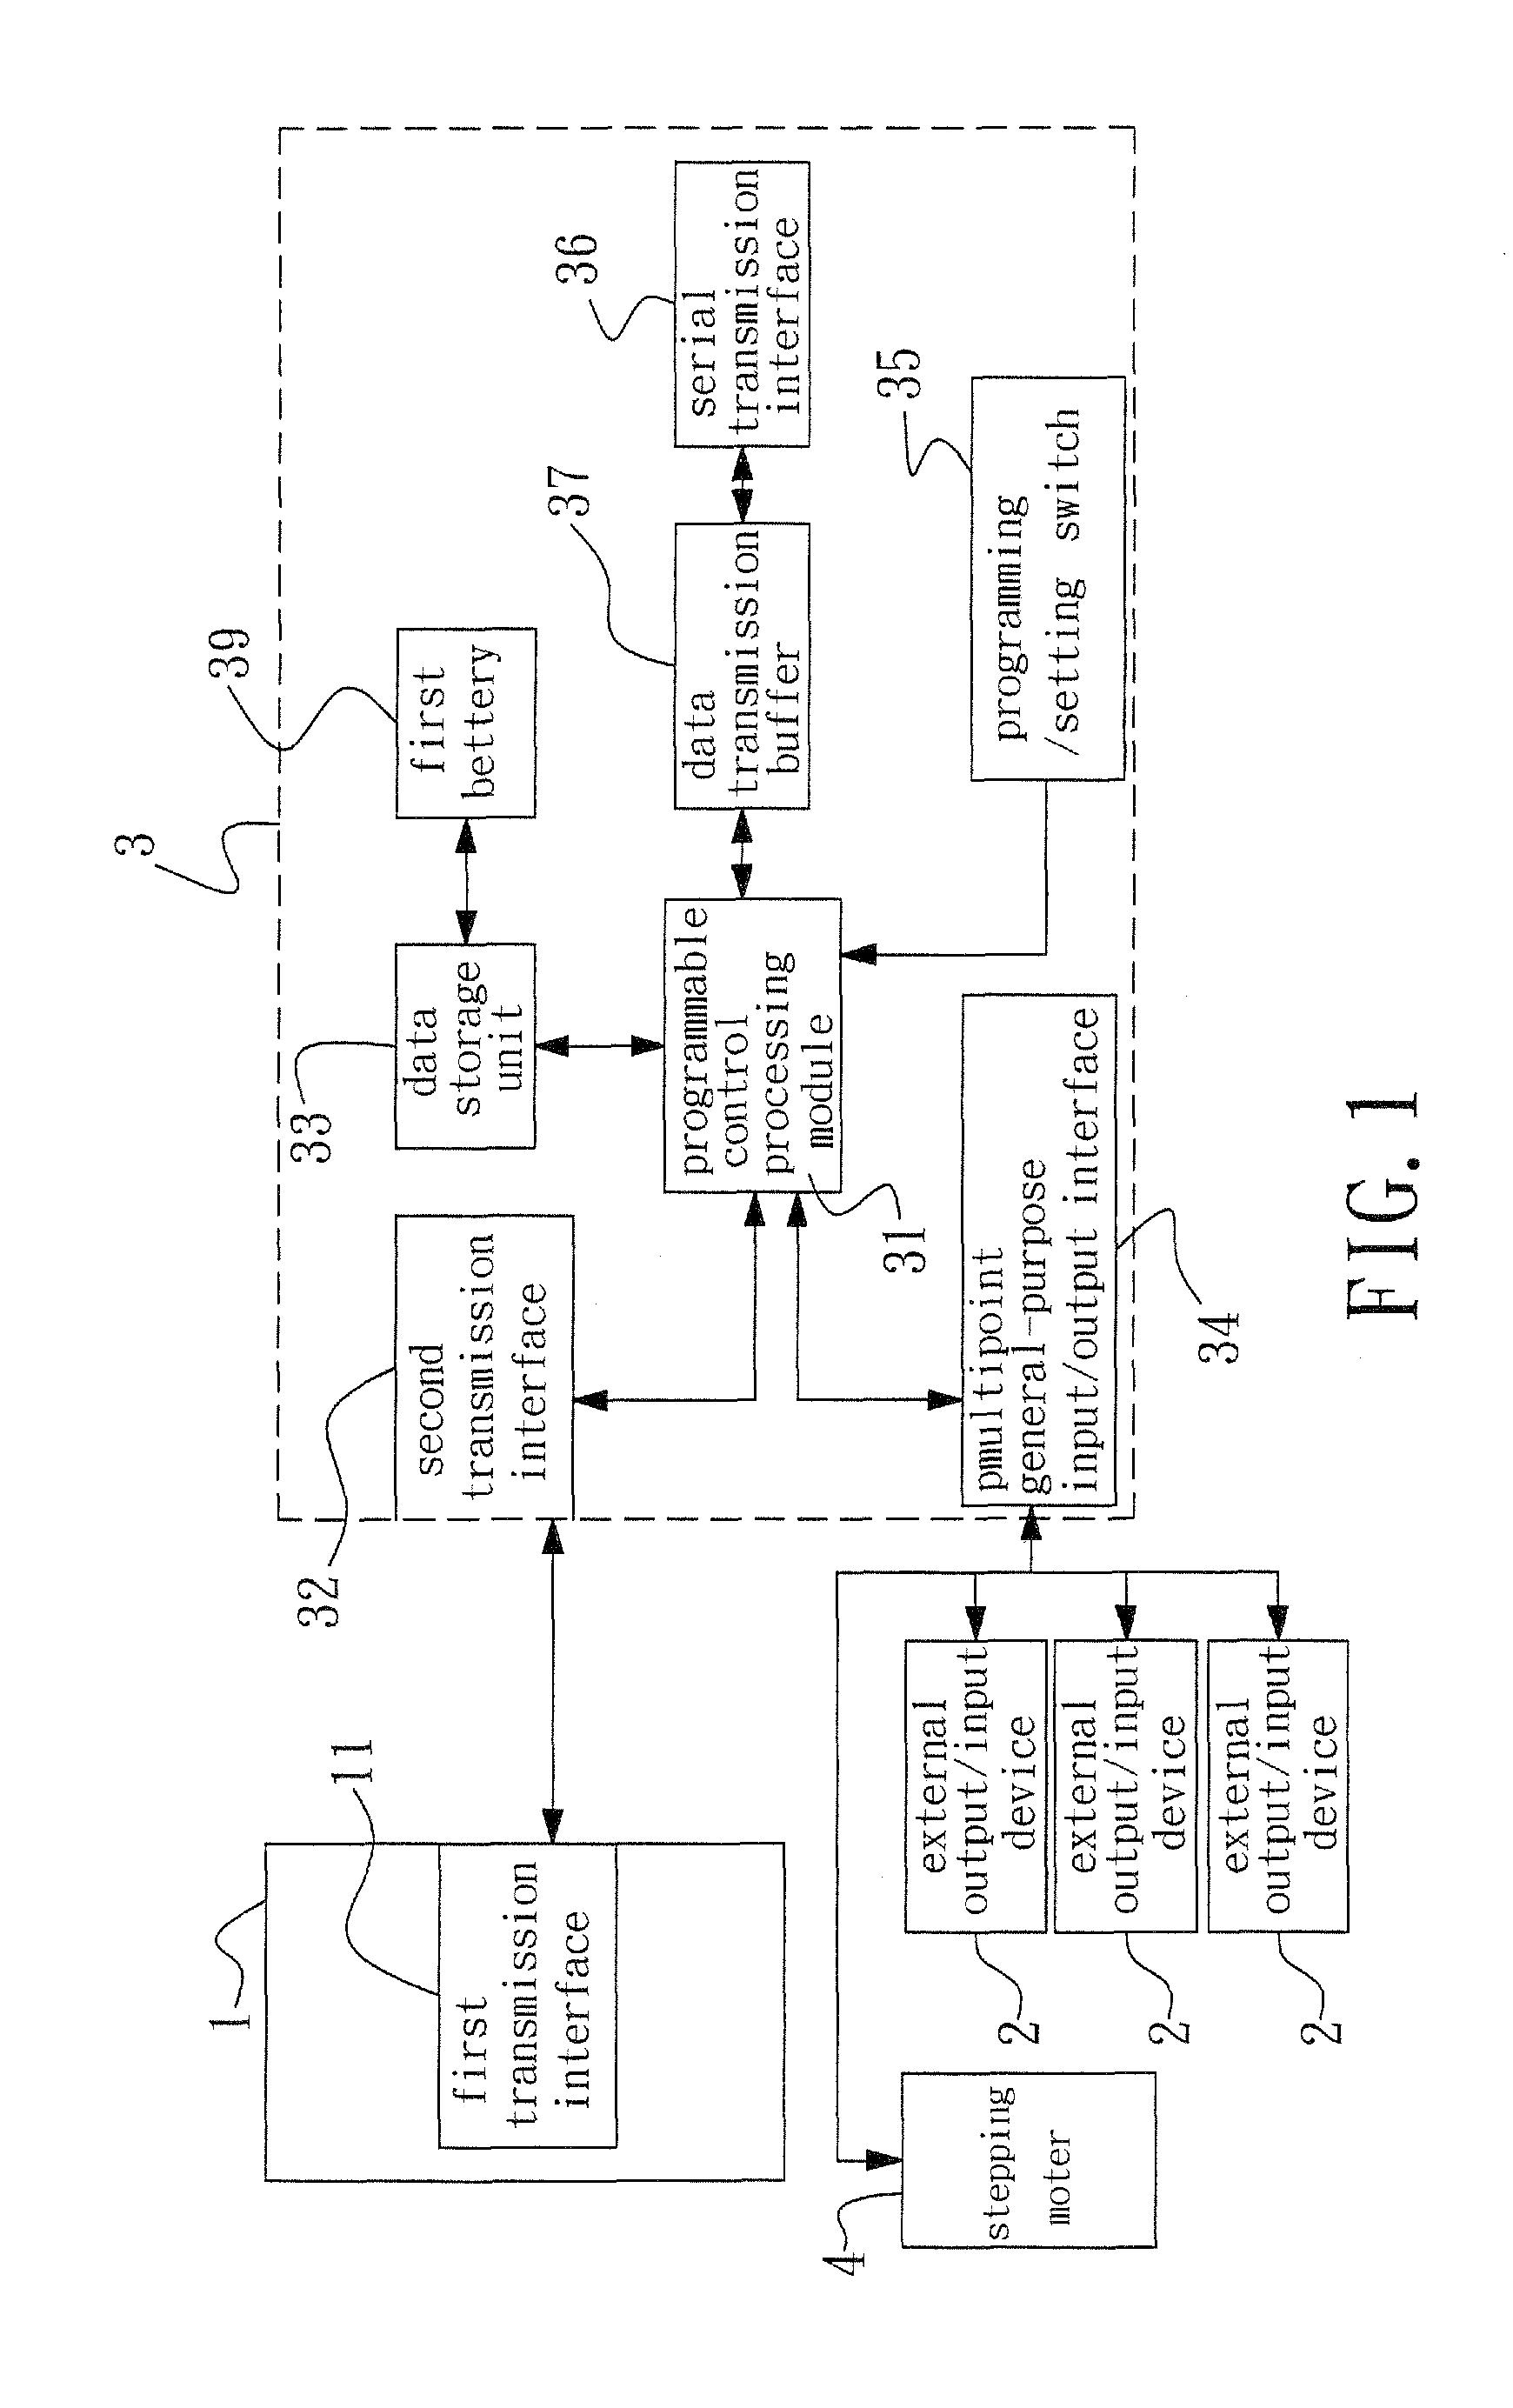 wiringpisetup gpio controller